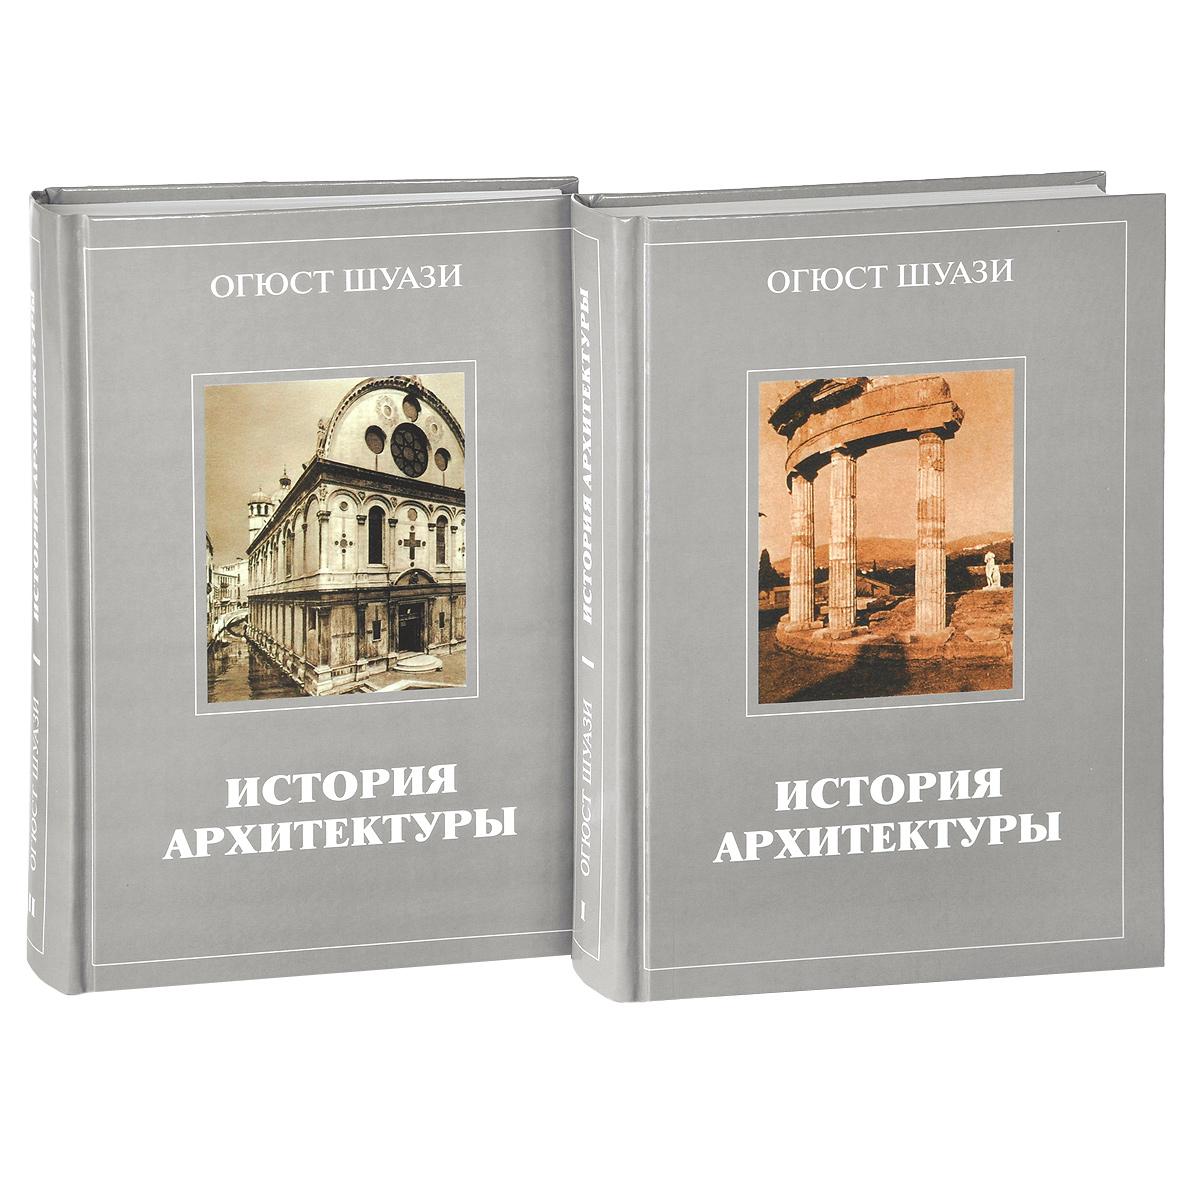 История архитектуры. В 2 томах (комплект из 2 книг)